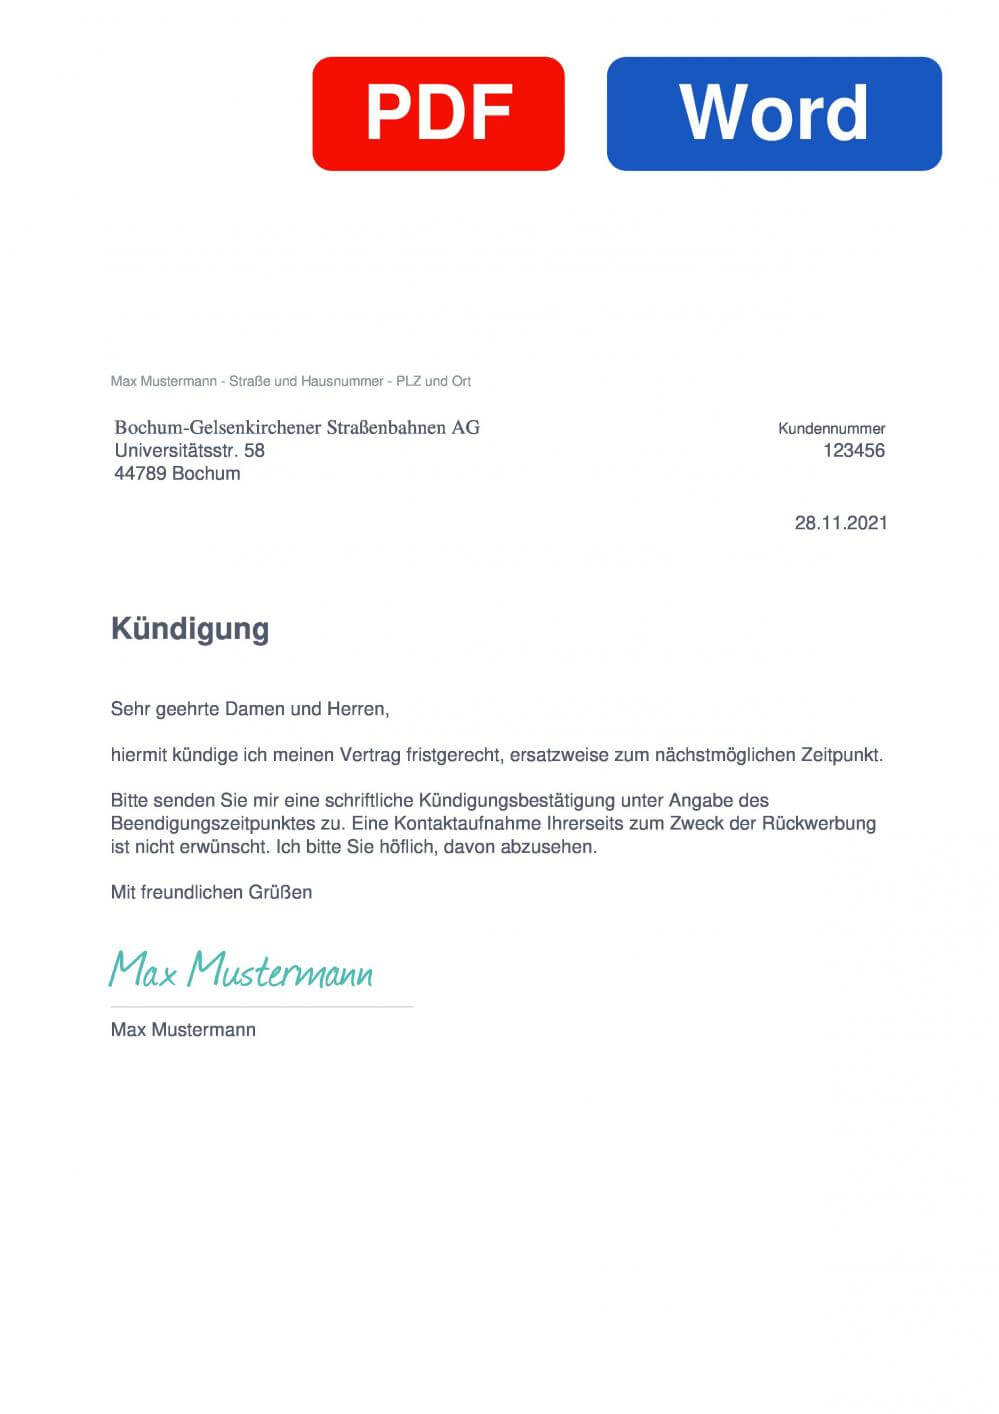 BOGESTRA Muster Vorlage für Kündigungsschreiben